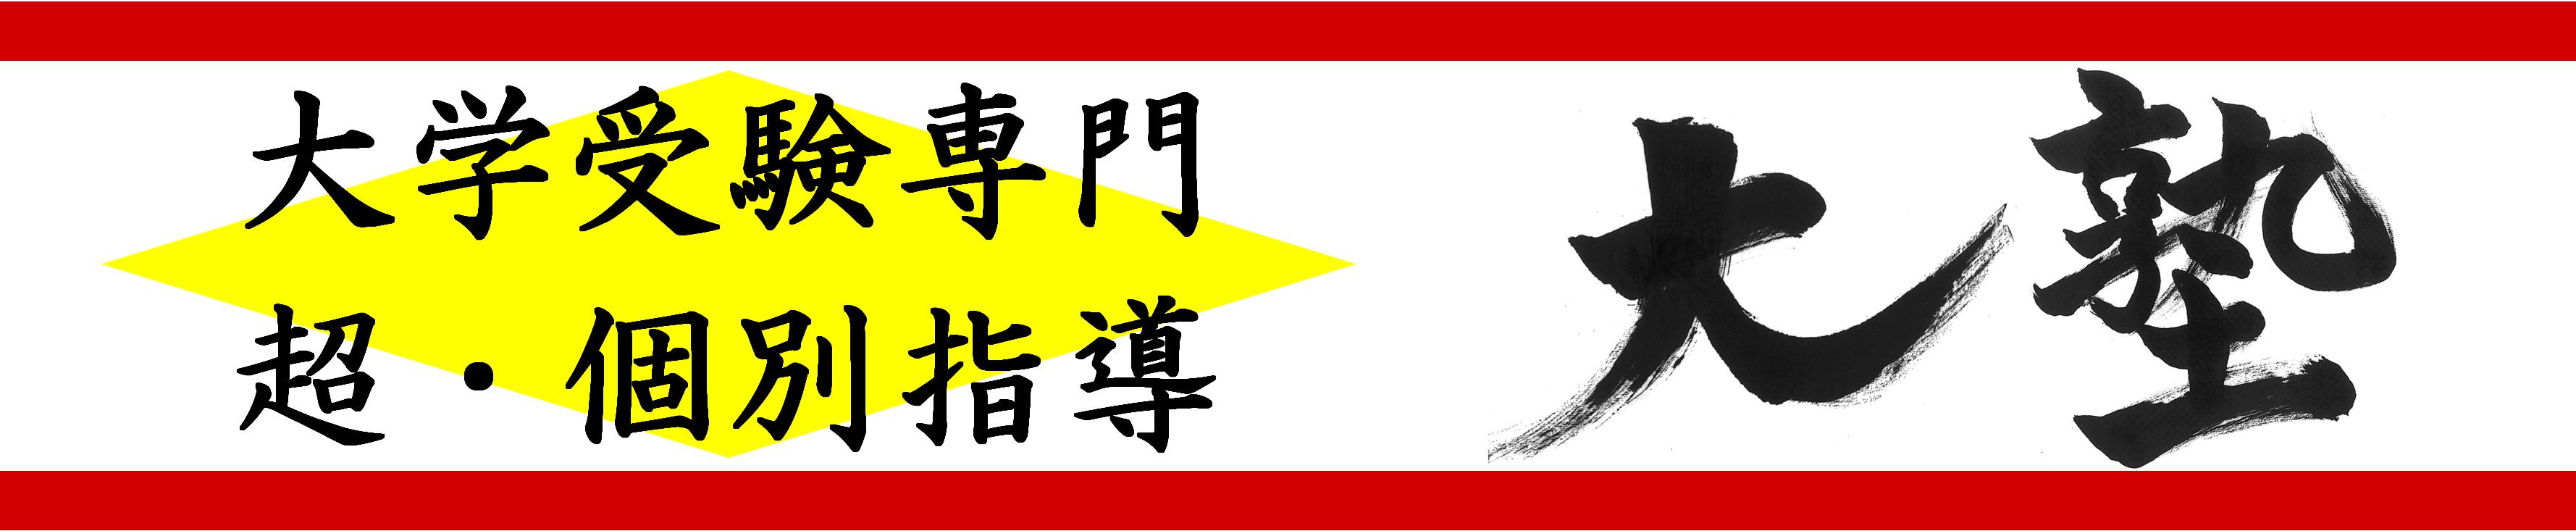 大塾 大学受験専門個別指導 大阪・箕面市